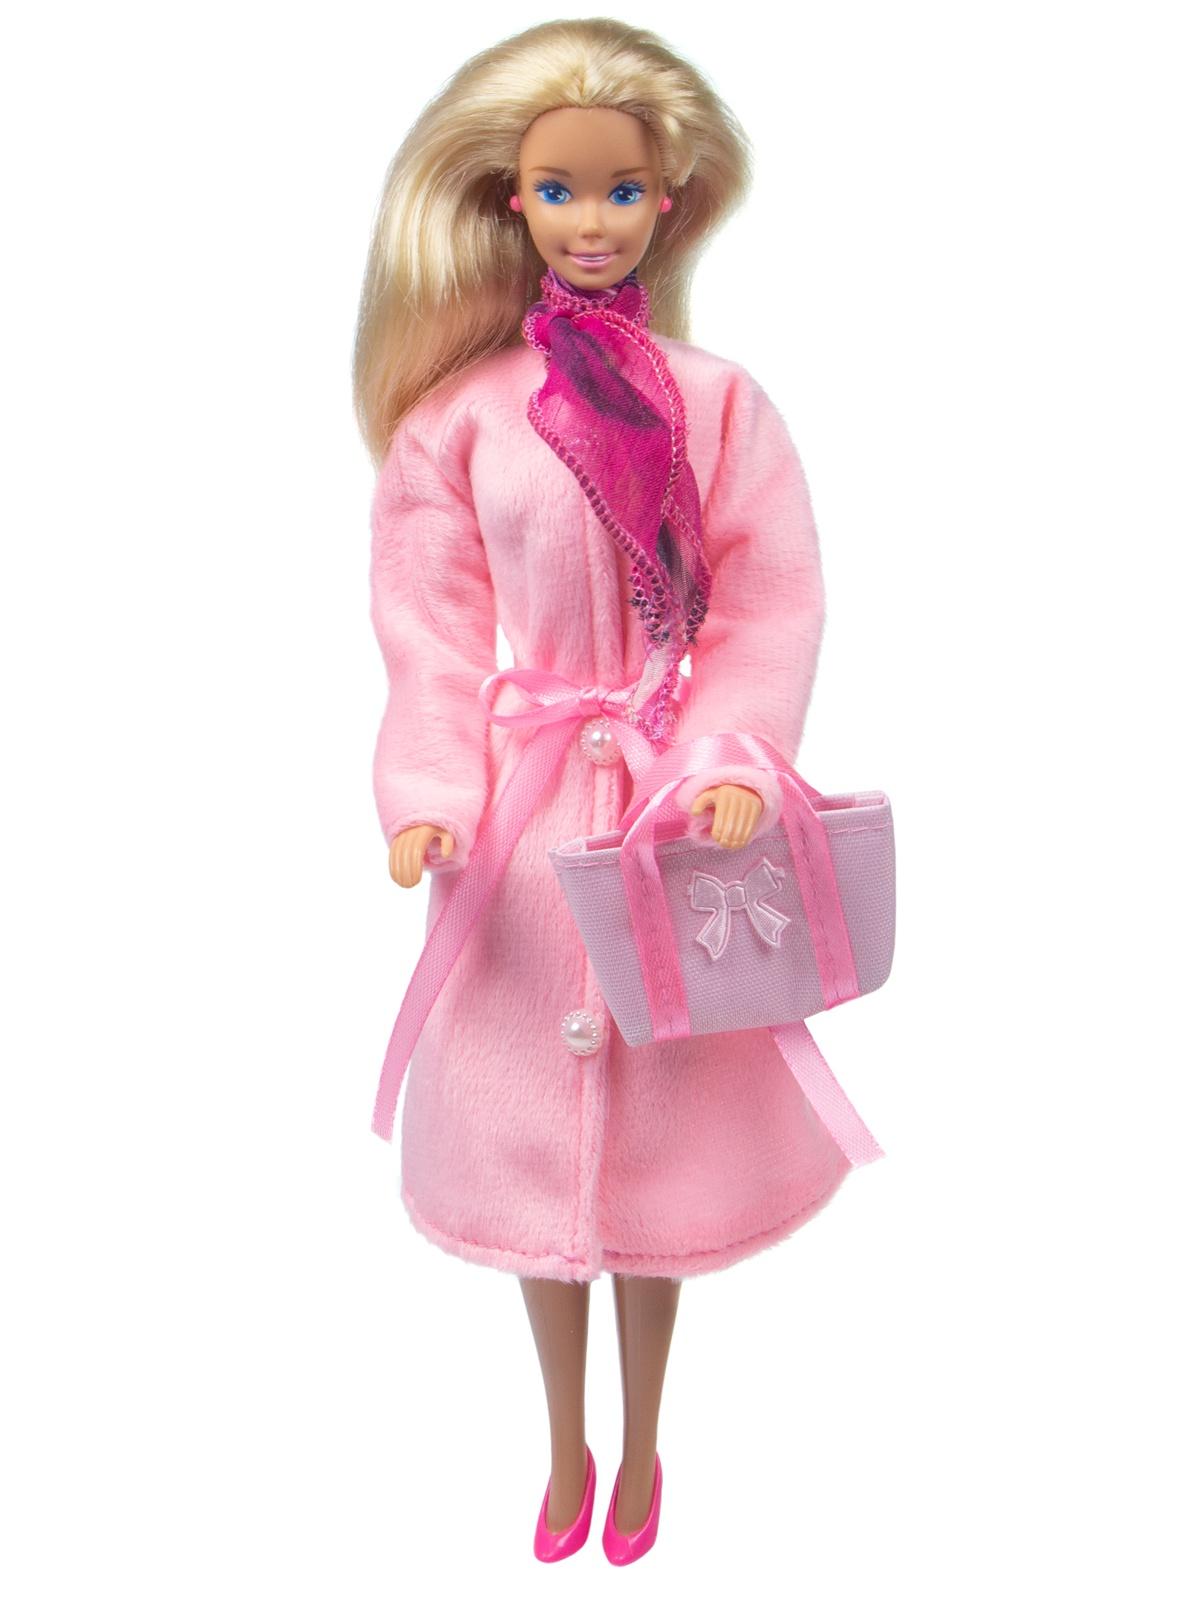 Одежда для кукол Модница Демисезонное пальто для кукол 29 см розовый